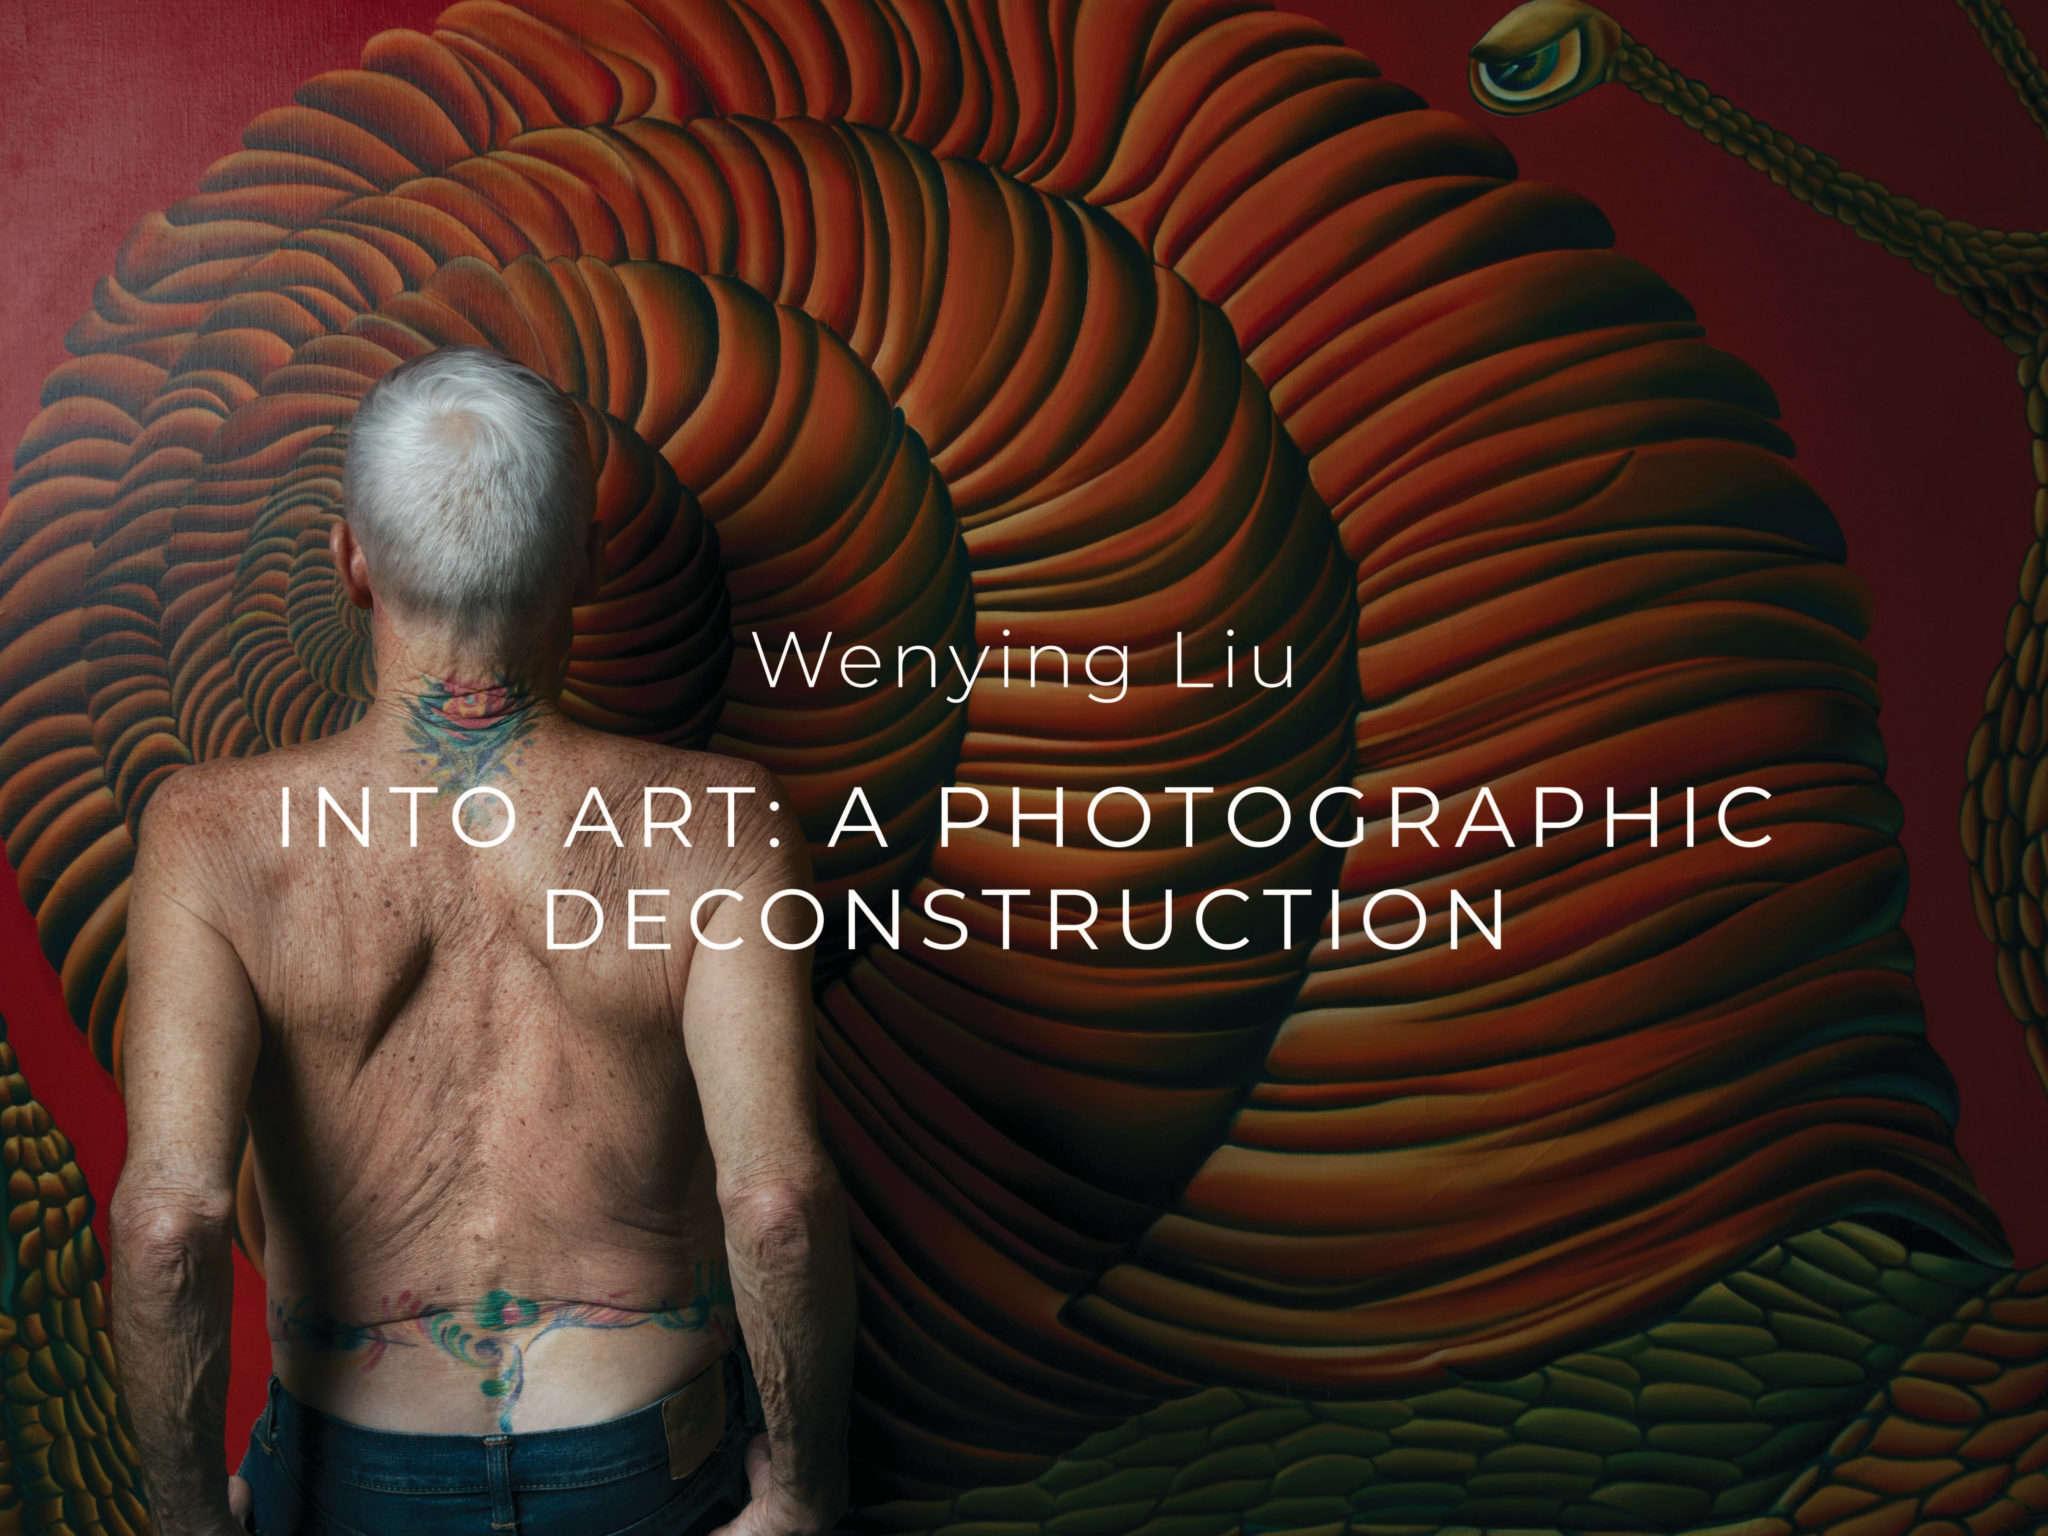 Wenying Liu exhibit poster